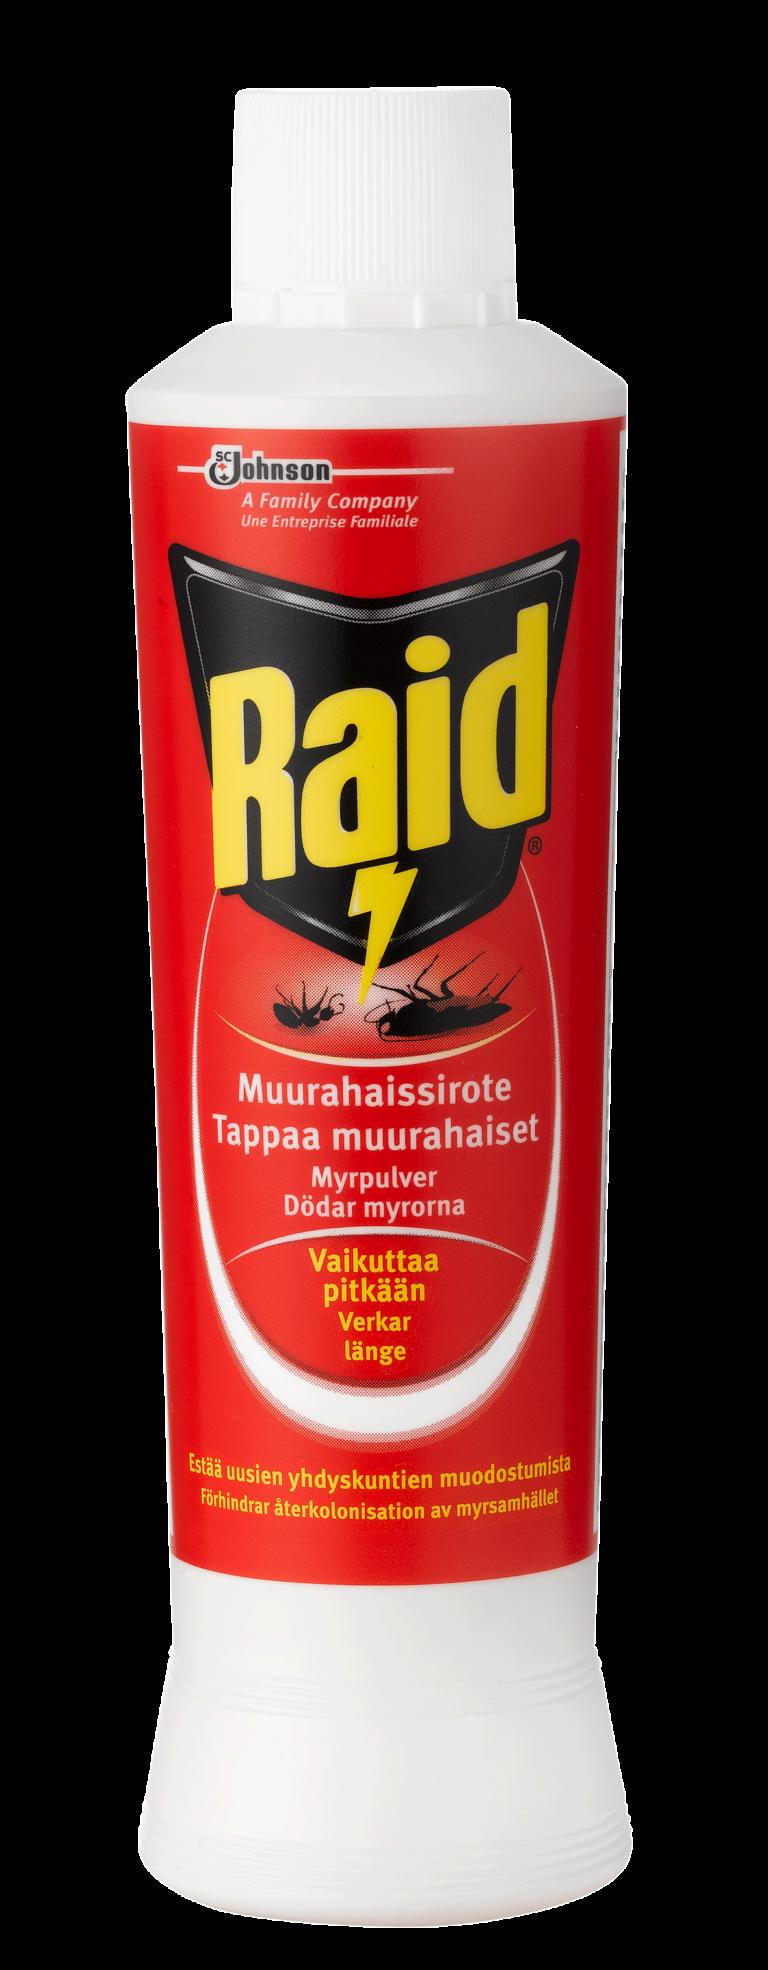 Muurahaissirote Raid